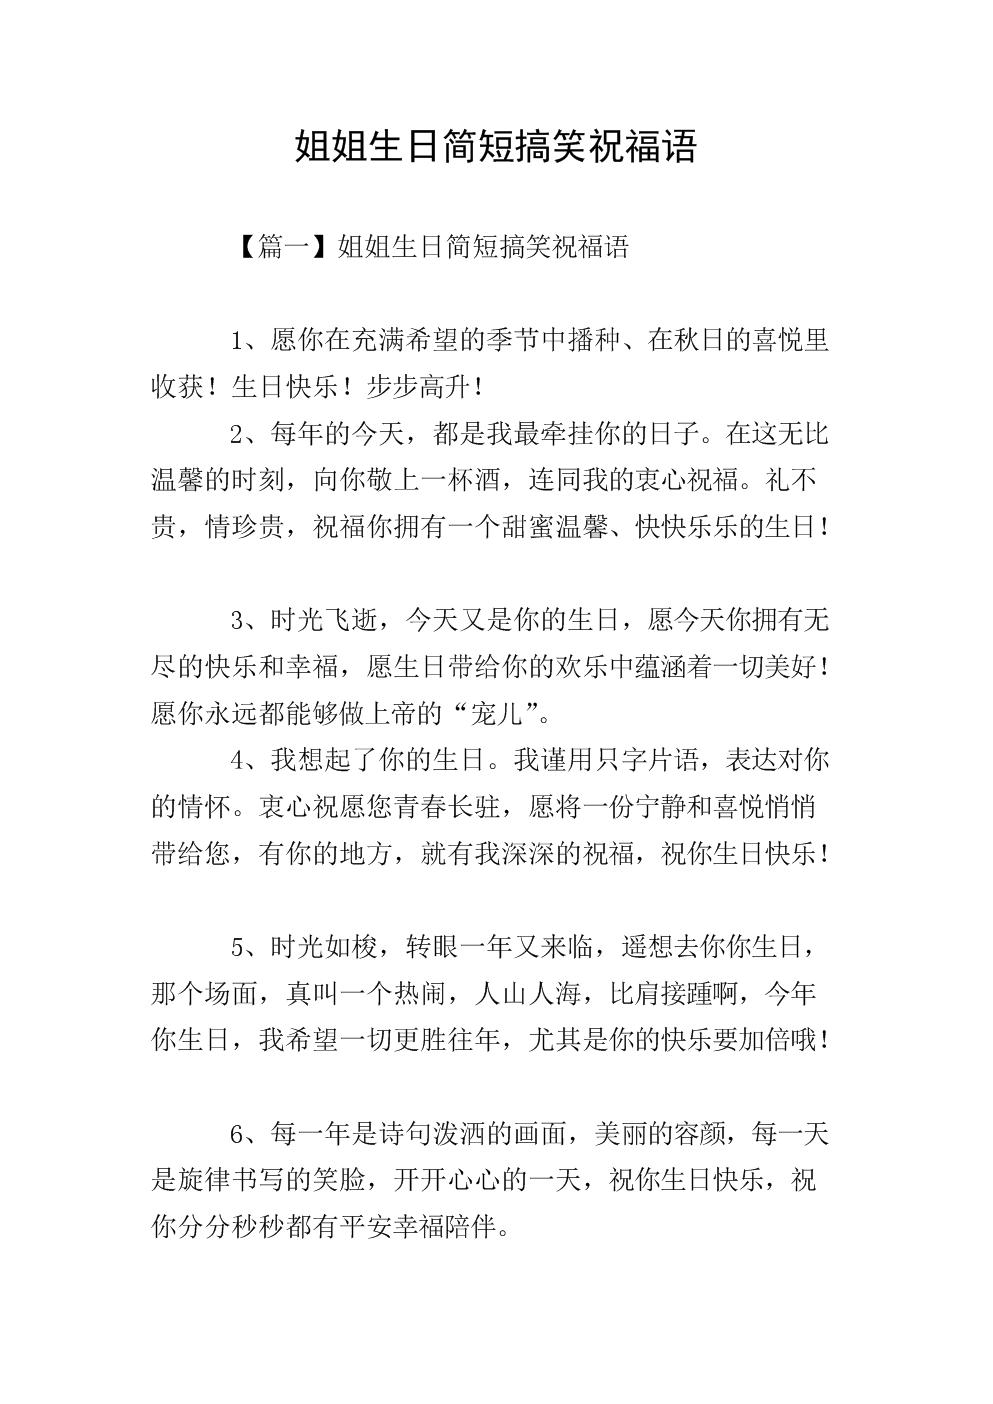 姐姐生日简短祝福语.doc